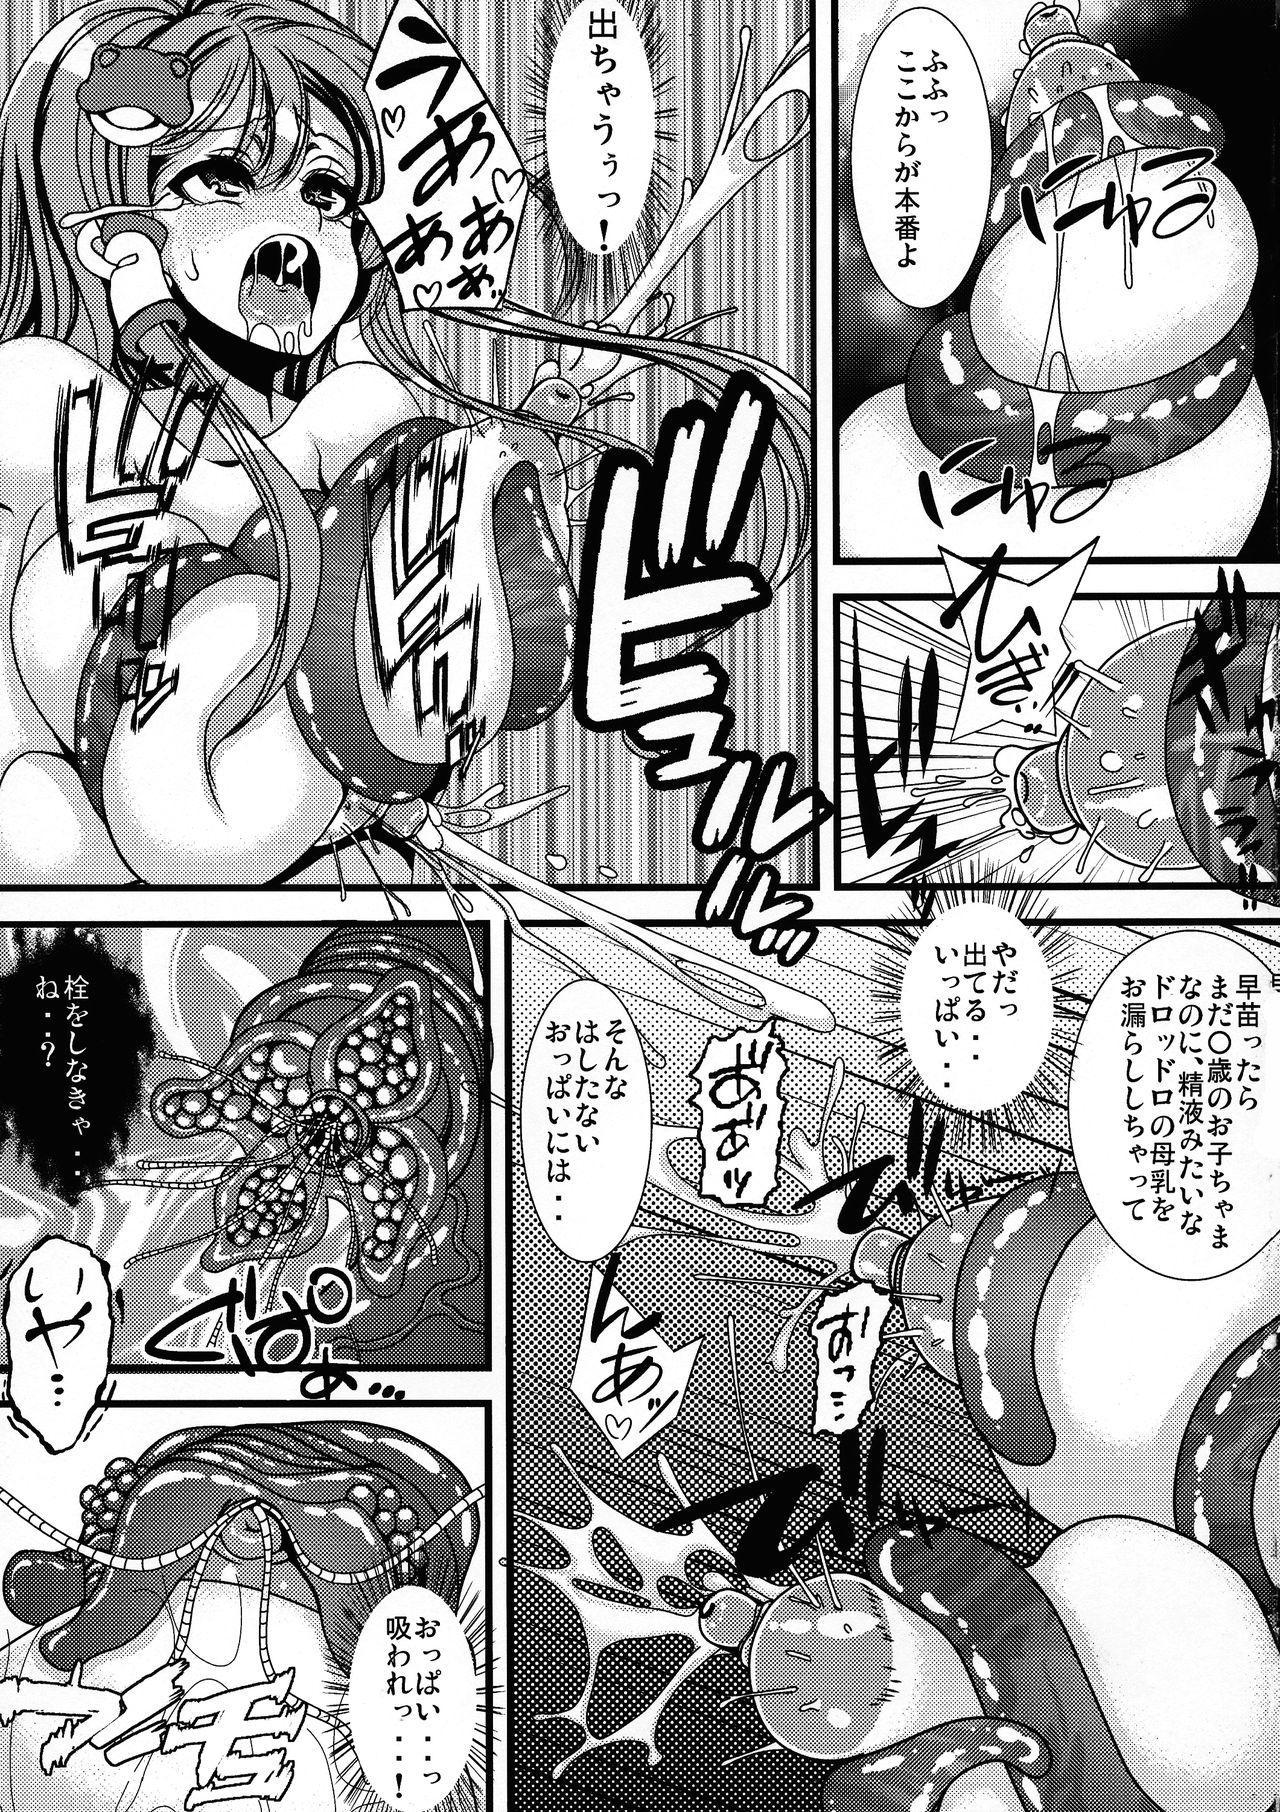 Sanae to Reimu ga Shokushu ni Sugoi Koto sarechau Hon 6